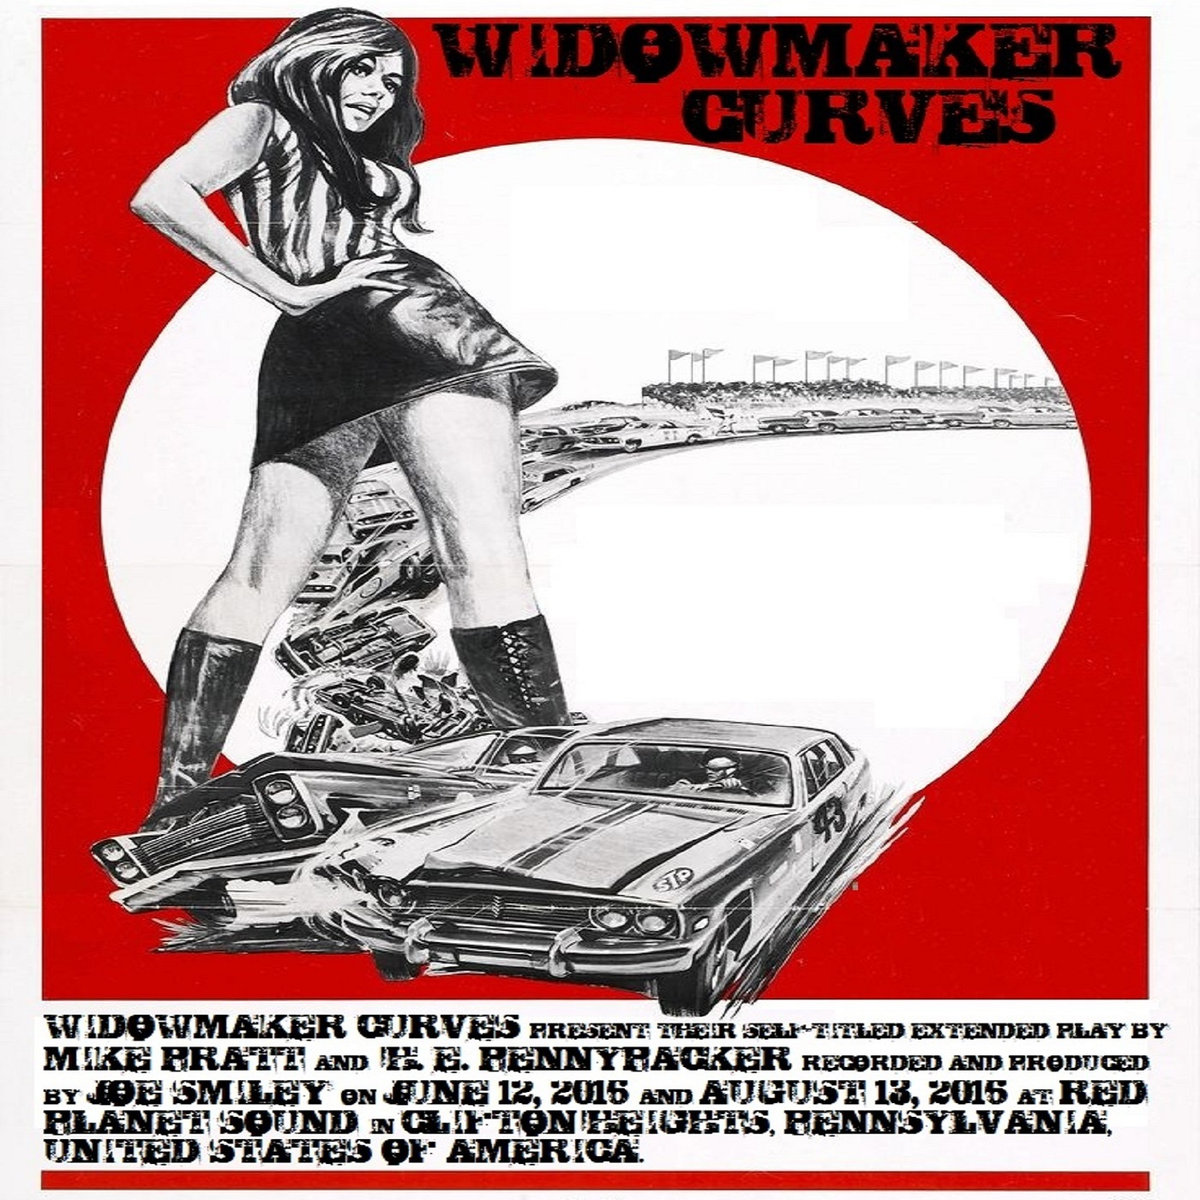 Widowmaker Curve • Widowmaker Curve